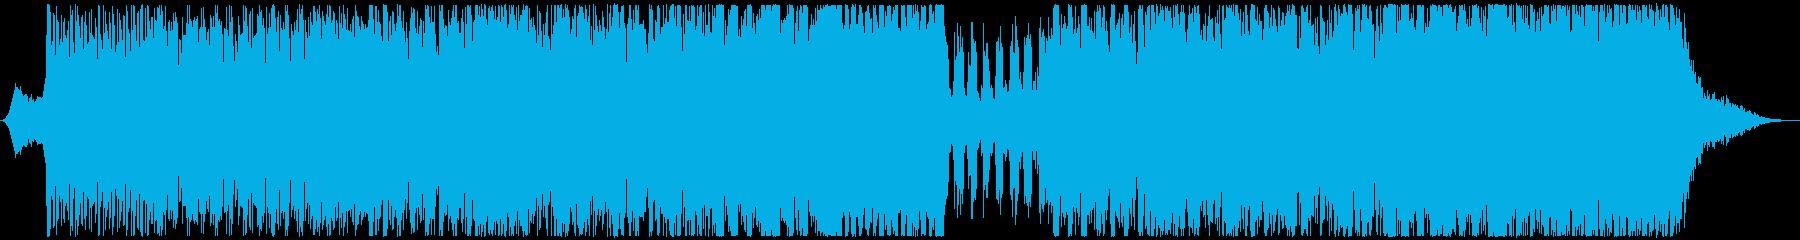 メトロポリスの再生済みの波形